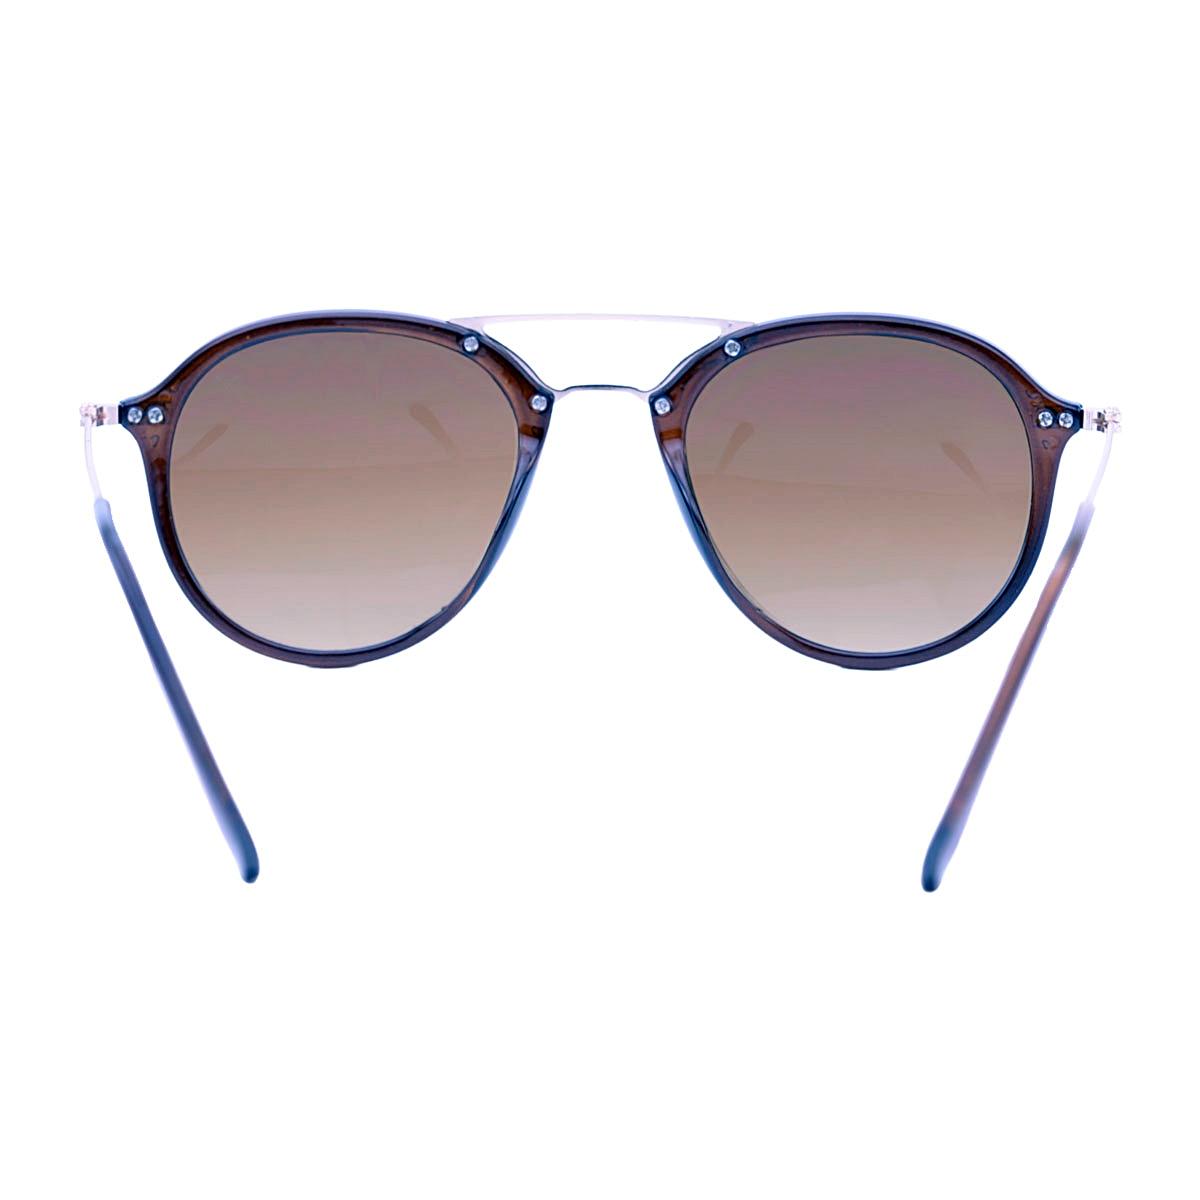 Óculos De Sol Mackage Unissex Acetato Aviator - Preto Fosco